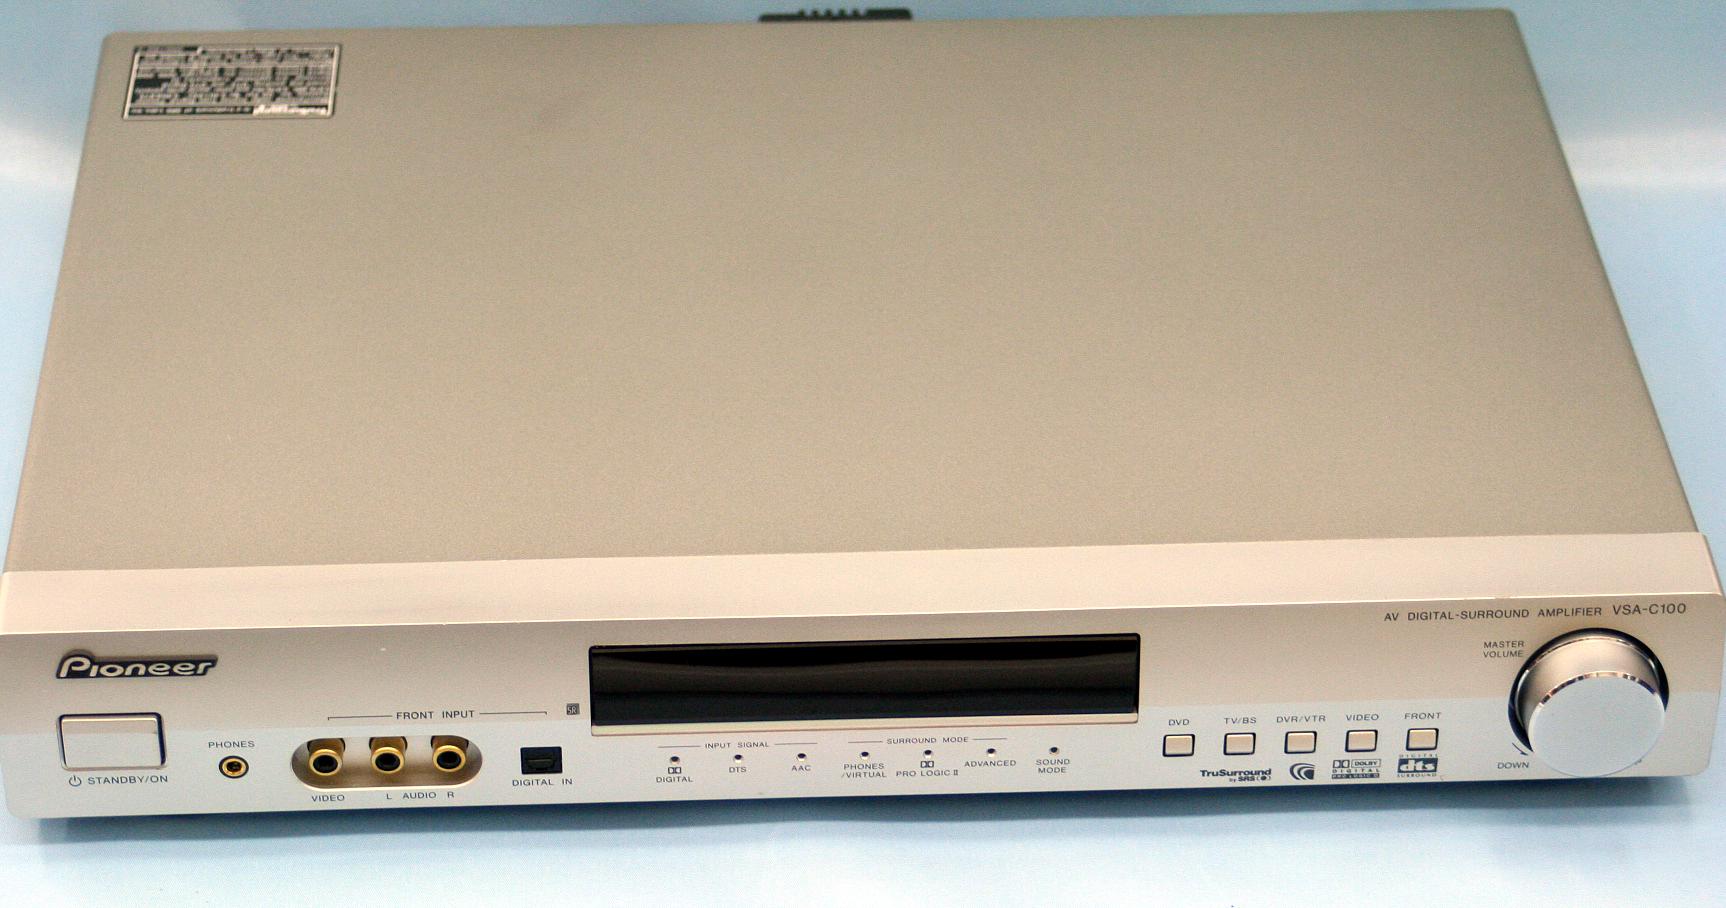 Pioneer AVアンプ VSA-C100